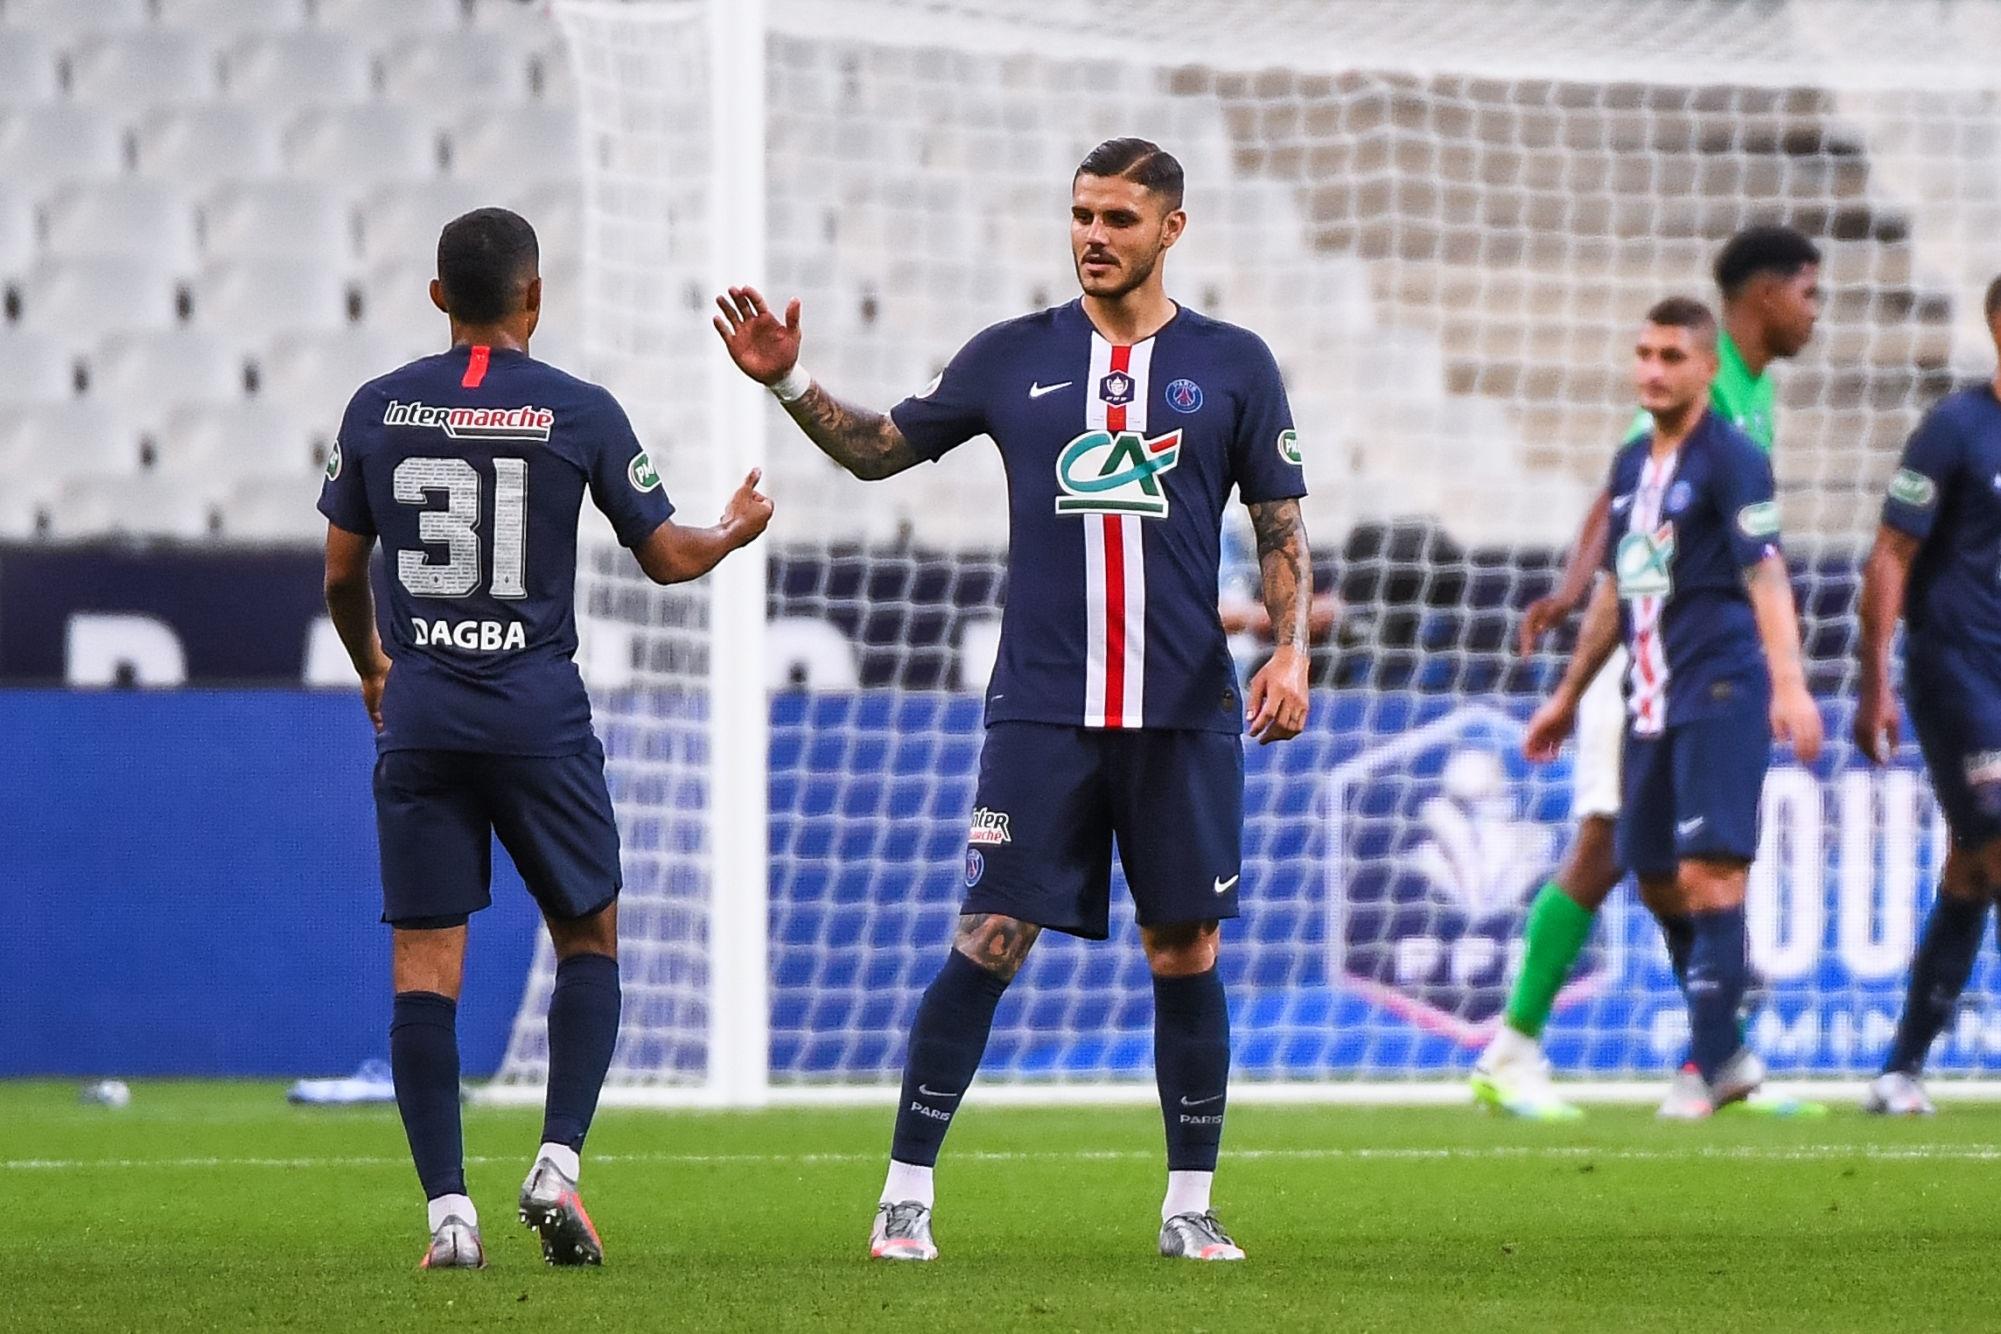 """Damiano expliqu'Icardi est le nouvel atout majeur du PSG """"Il peut faire franchir ce cap en LDC"""""""